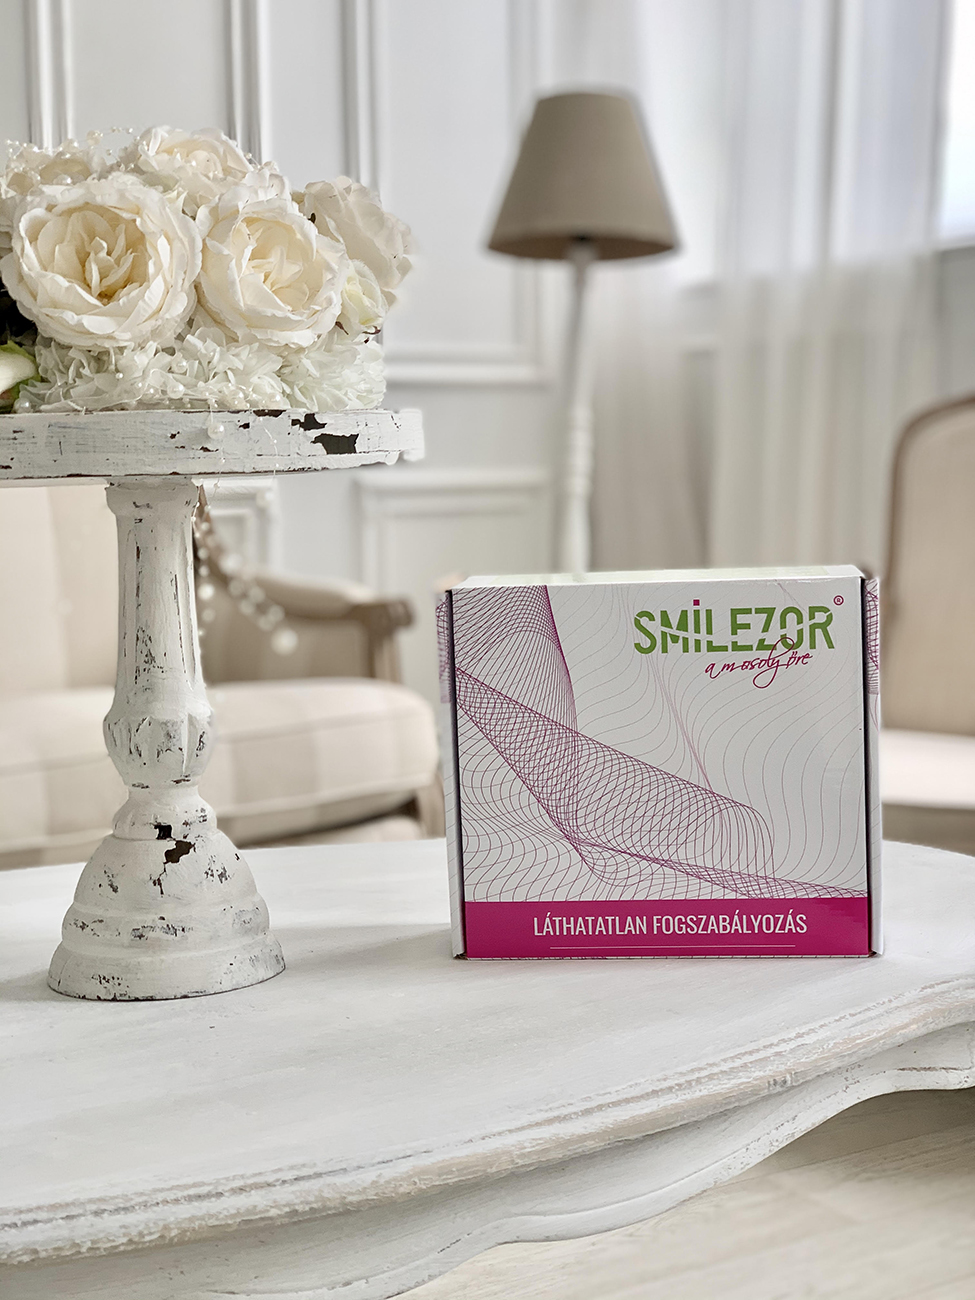 fogszabályozó, Ragyogó mosollyal az oltárnál – A SMILEZOR láthatatlan fogszabályozó rövid idő alatt segít a rendezett fogsor elérésében